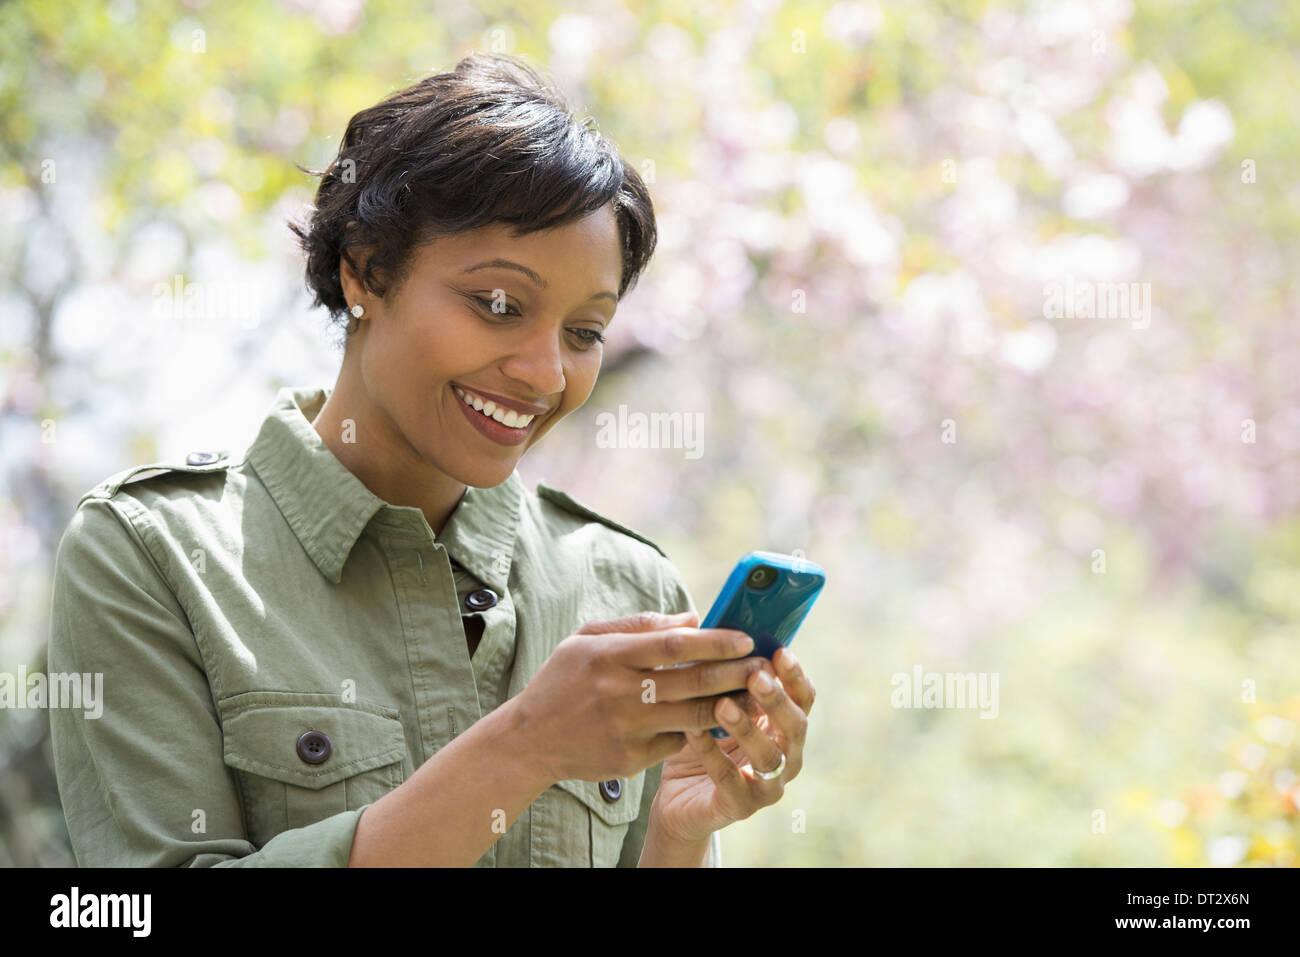 Sol y flor de cerezo a la mujer controlar su teléfono inteligente. Imagen De Stock